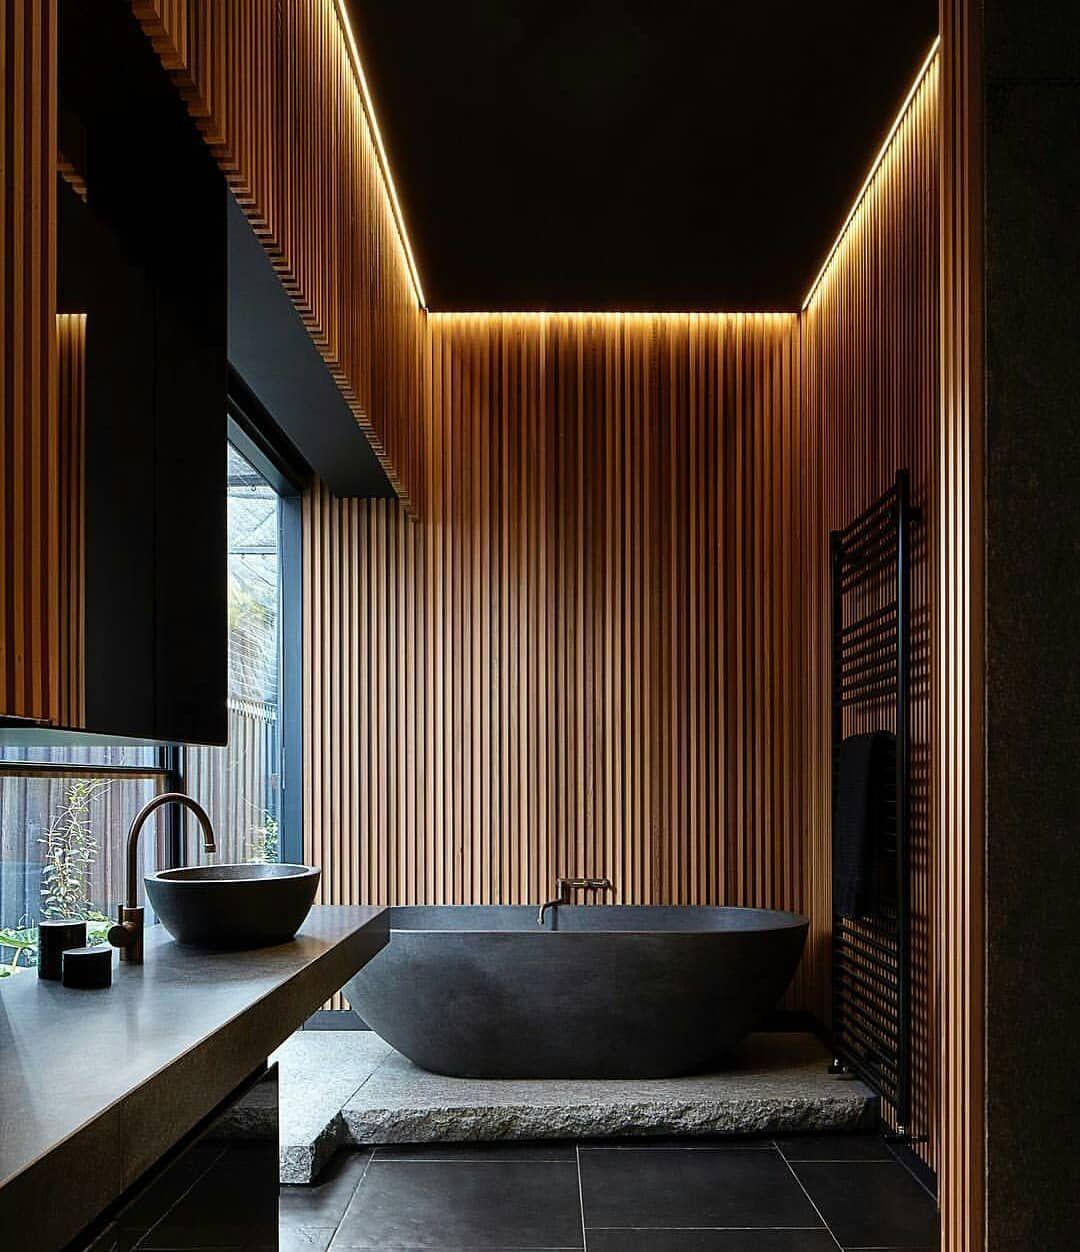 Wohndesign innenraum pin von harald metzger auf badezimmer  pinterest  badezimmer